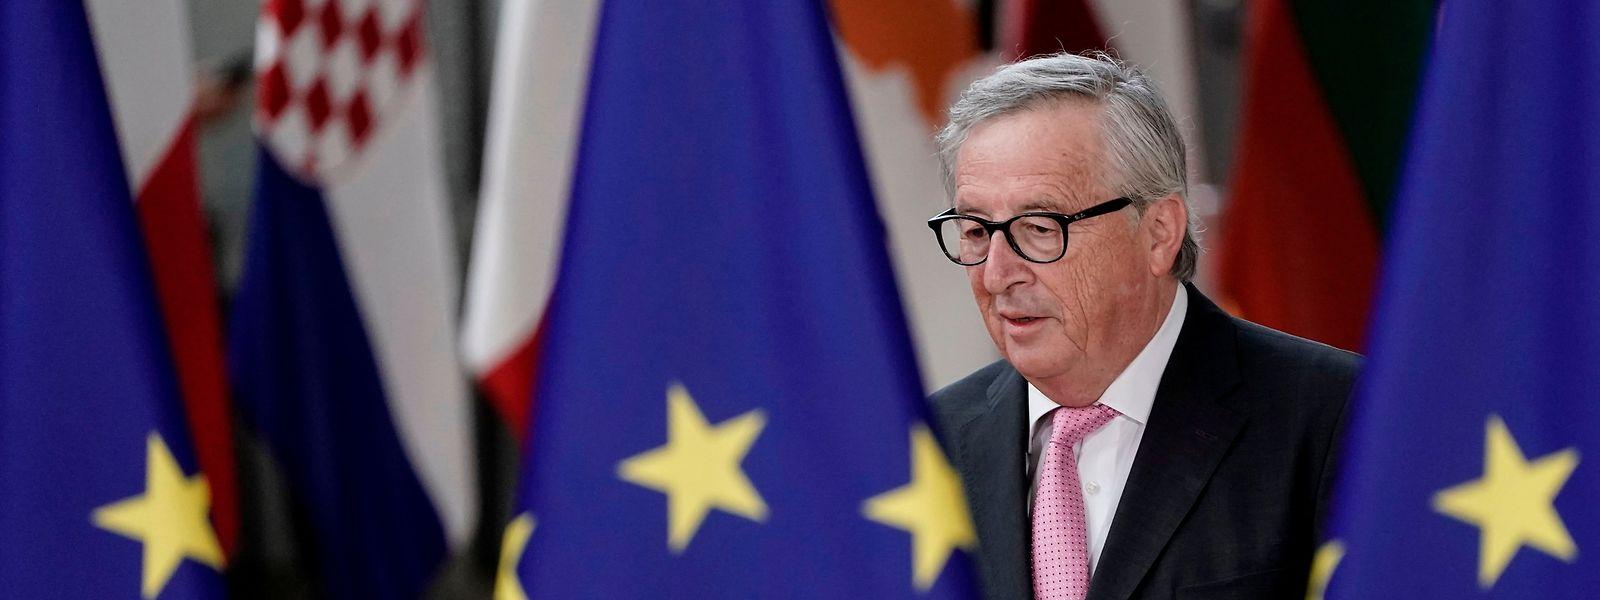 Der Kommissionspräsident hatte seinen Unrlaub in Österreich abbrechen müssen, um sich in Luxemburg operieren zu lassen.